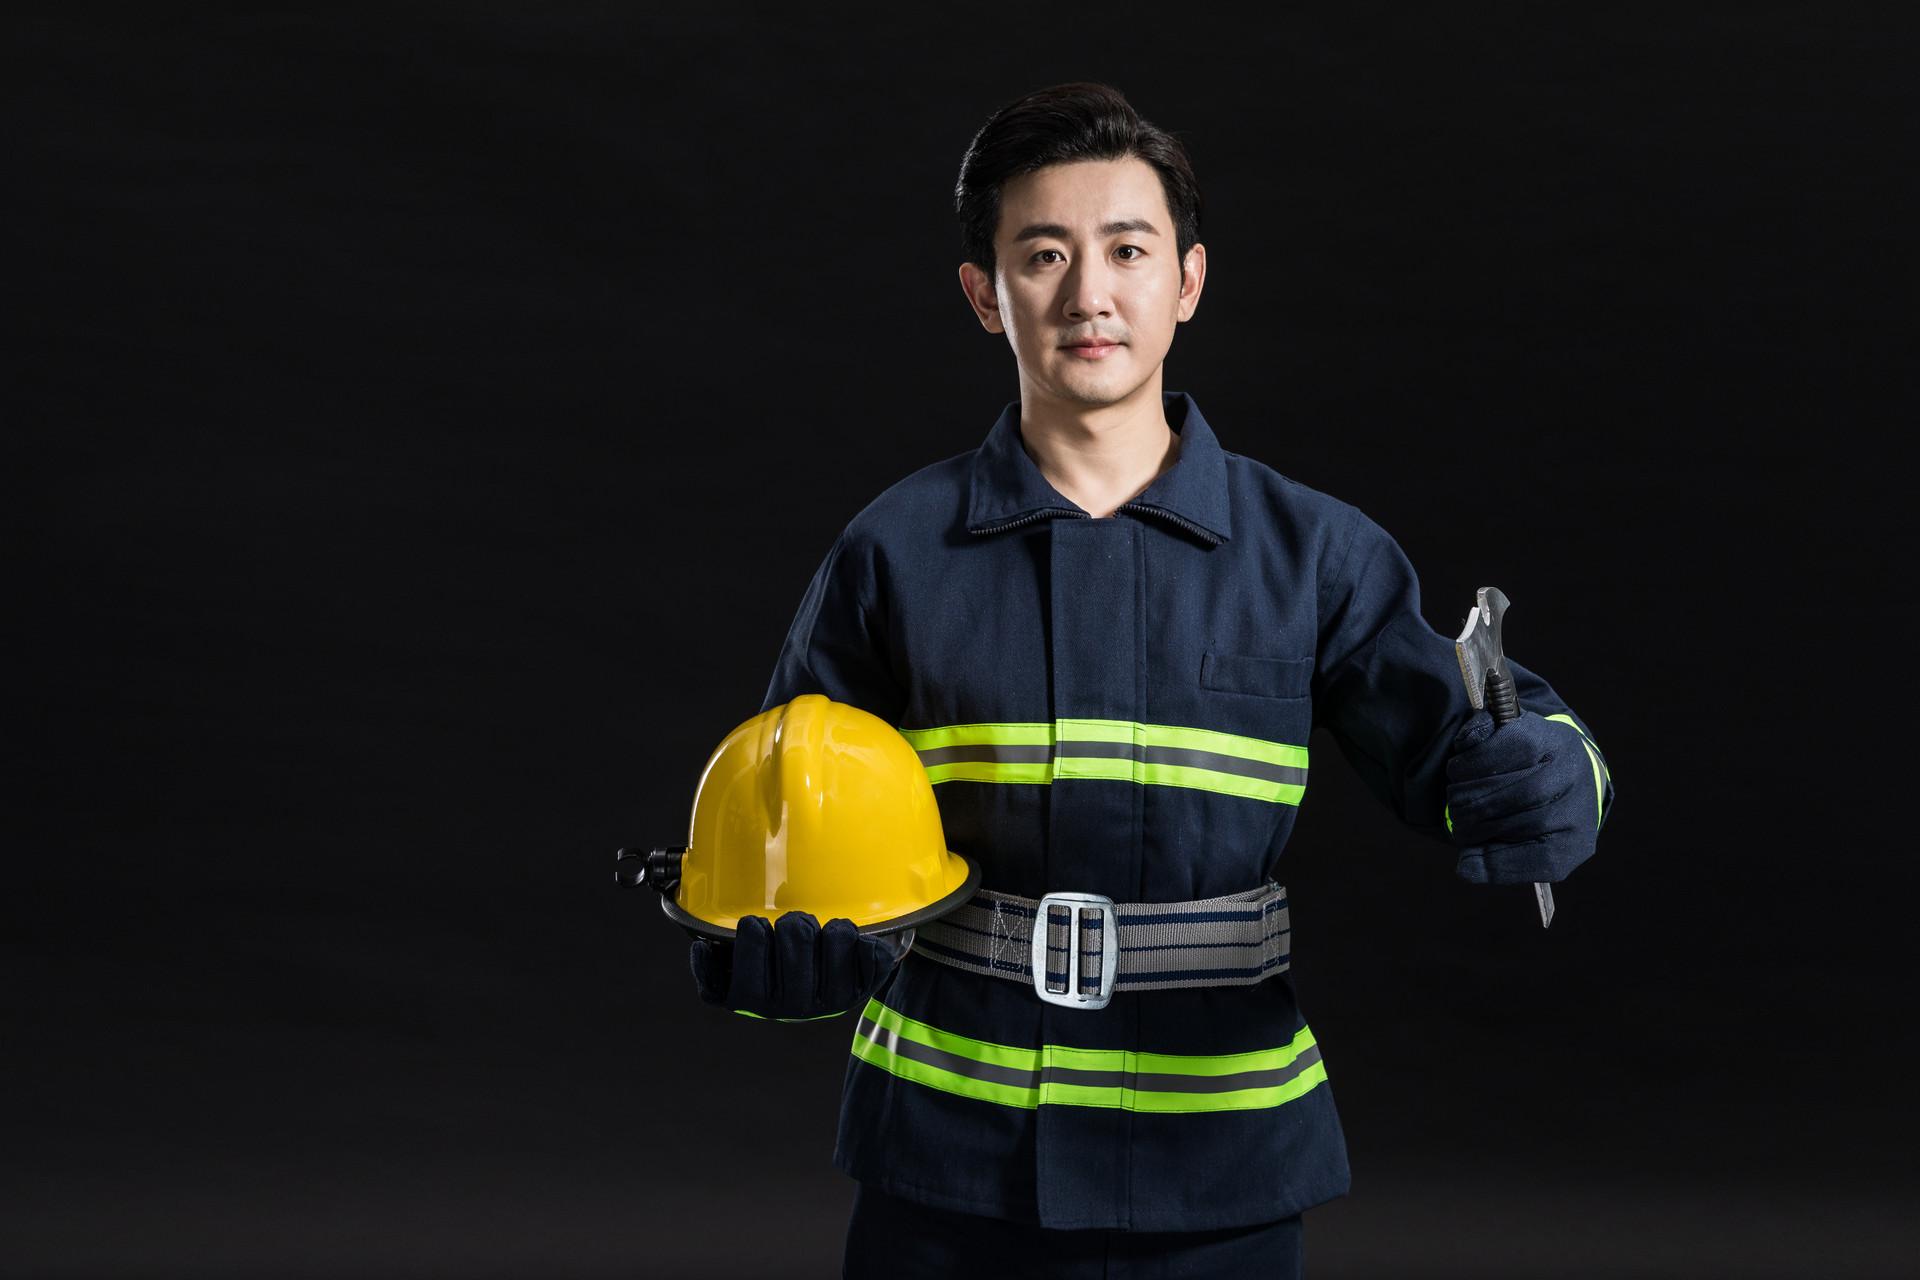 广西智慧消防工程师培训机构